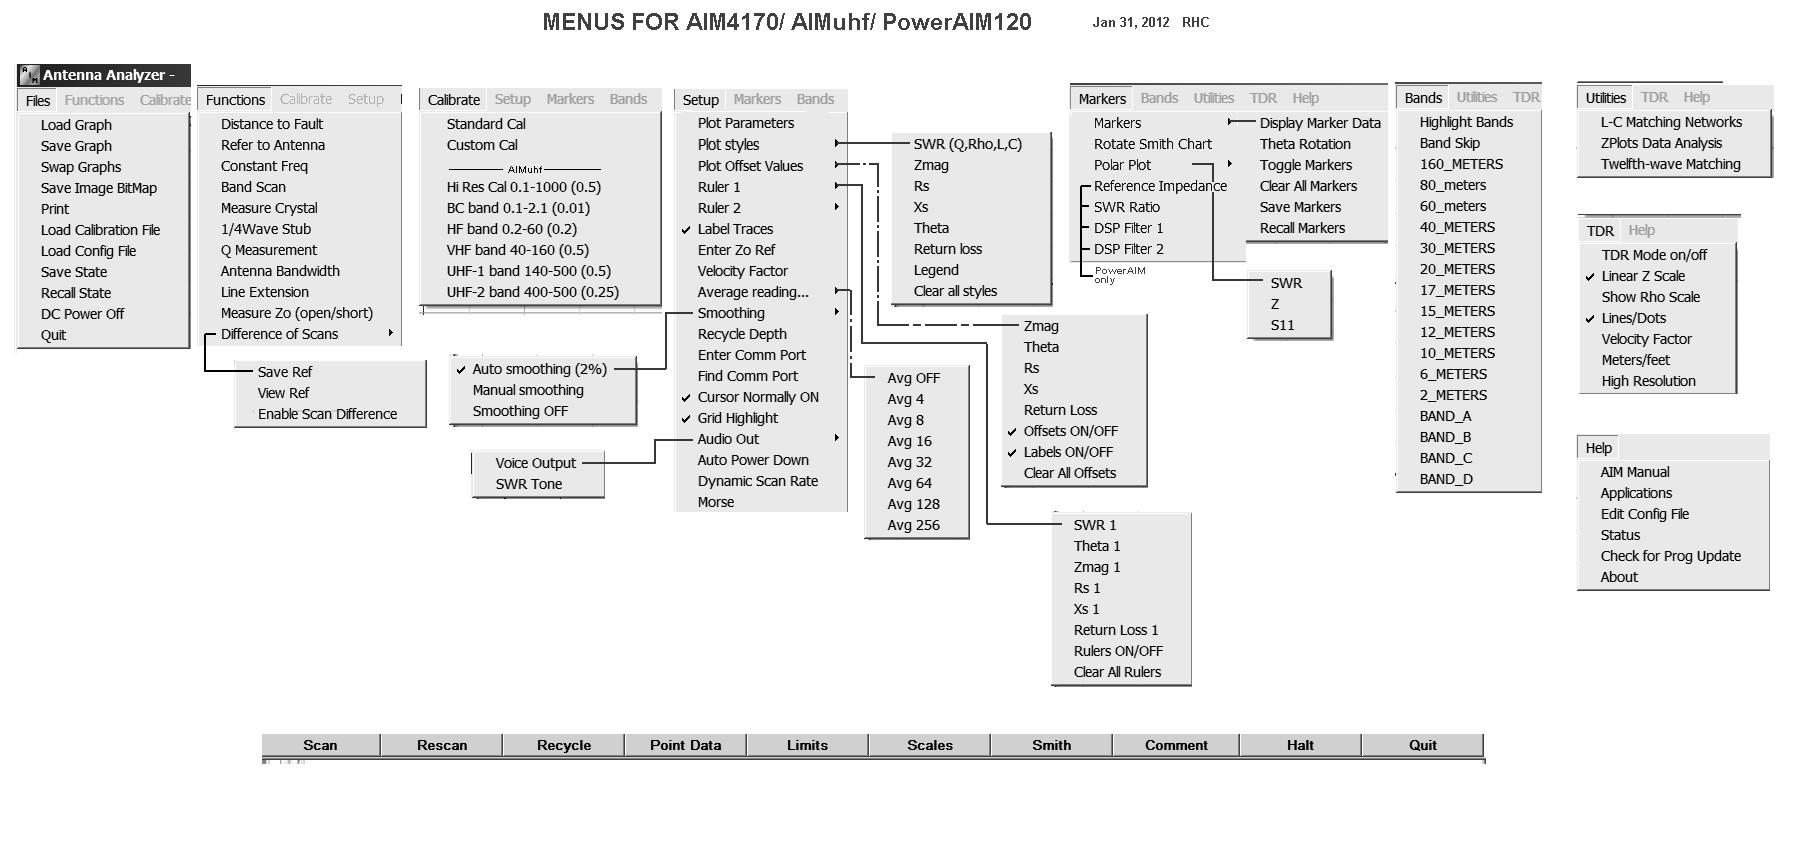 AIMuhf/AIM4300/AIM4170 Manual